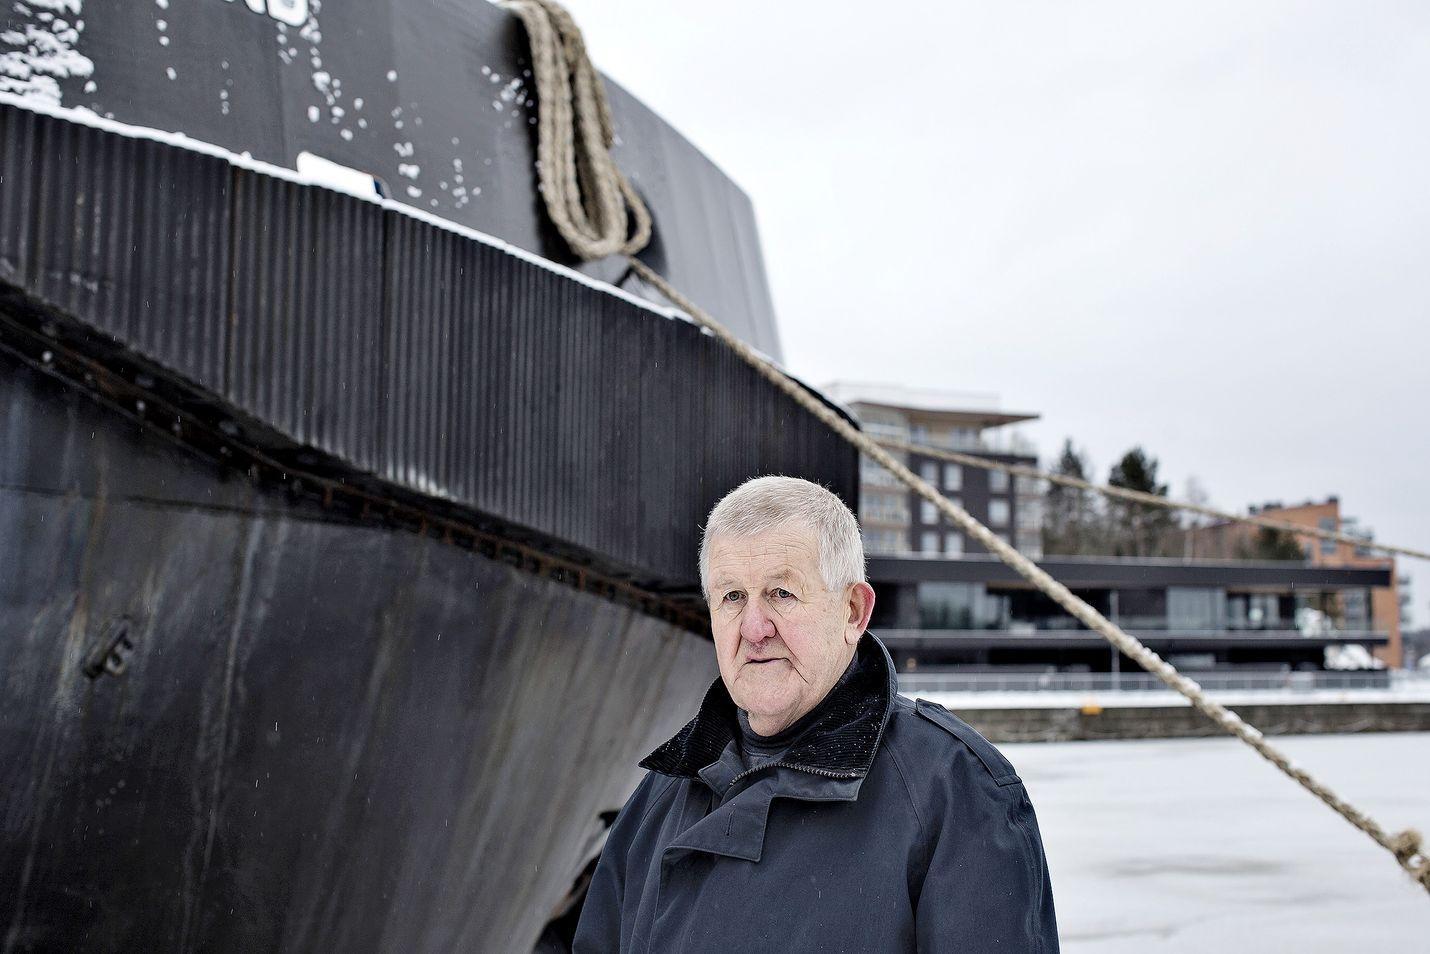 Turkulainen lippueamiraali evp. Bo Österlund väittelee perjantaina Maanpuolustuskorkeakoulussa Helsingissä Suomen meriliikenteen huoltovarmuudesta.